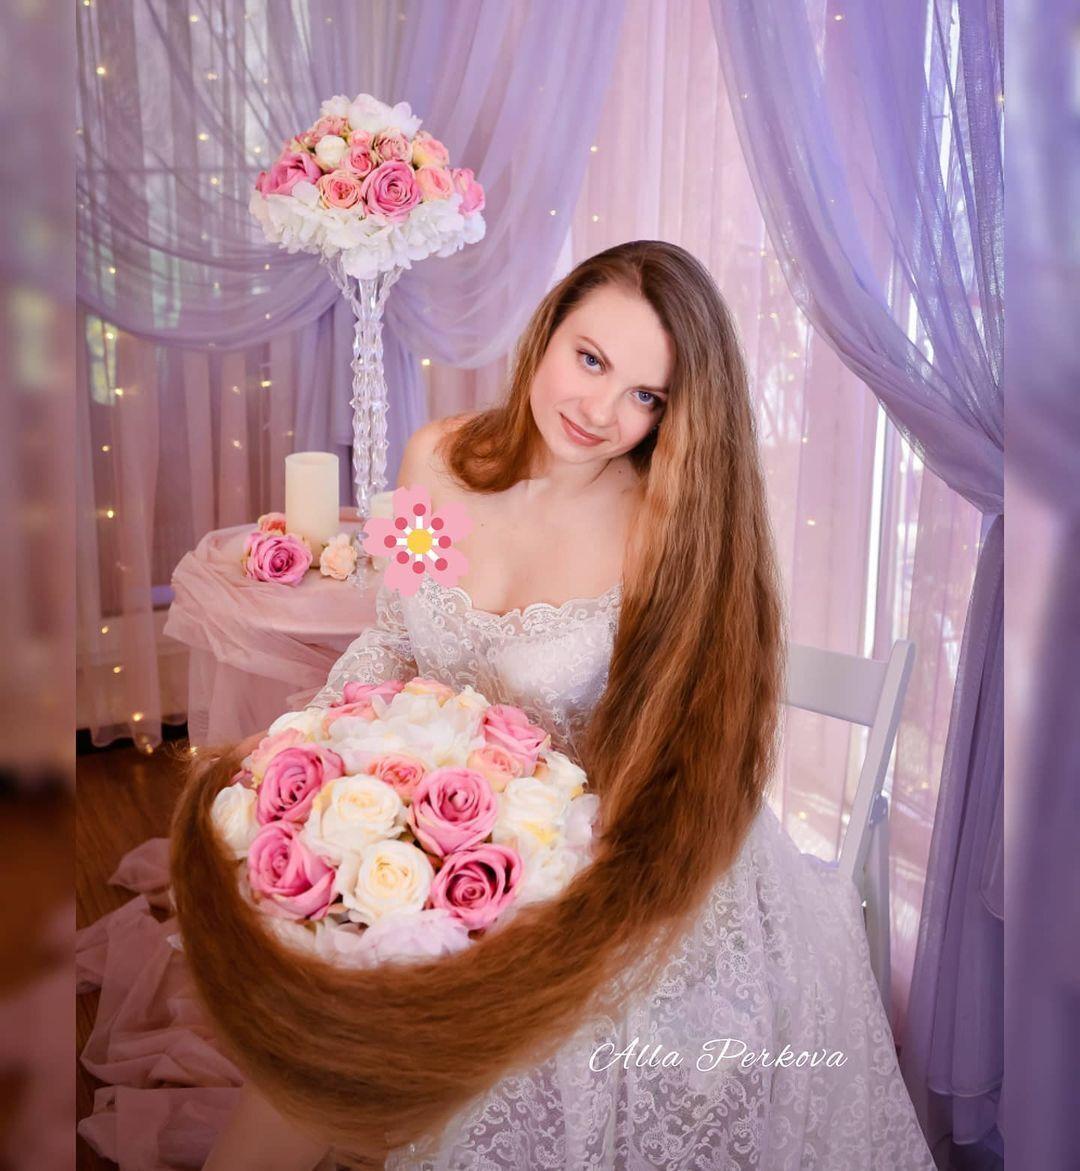 Длинные волосы Аллы Перьковой